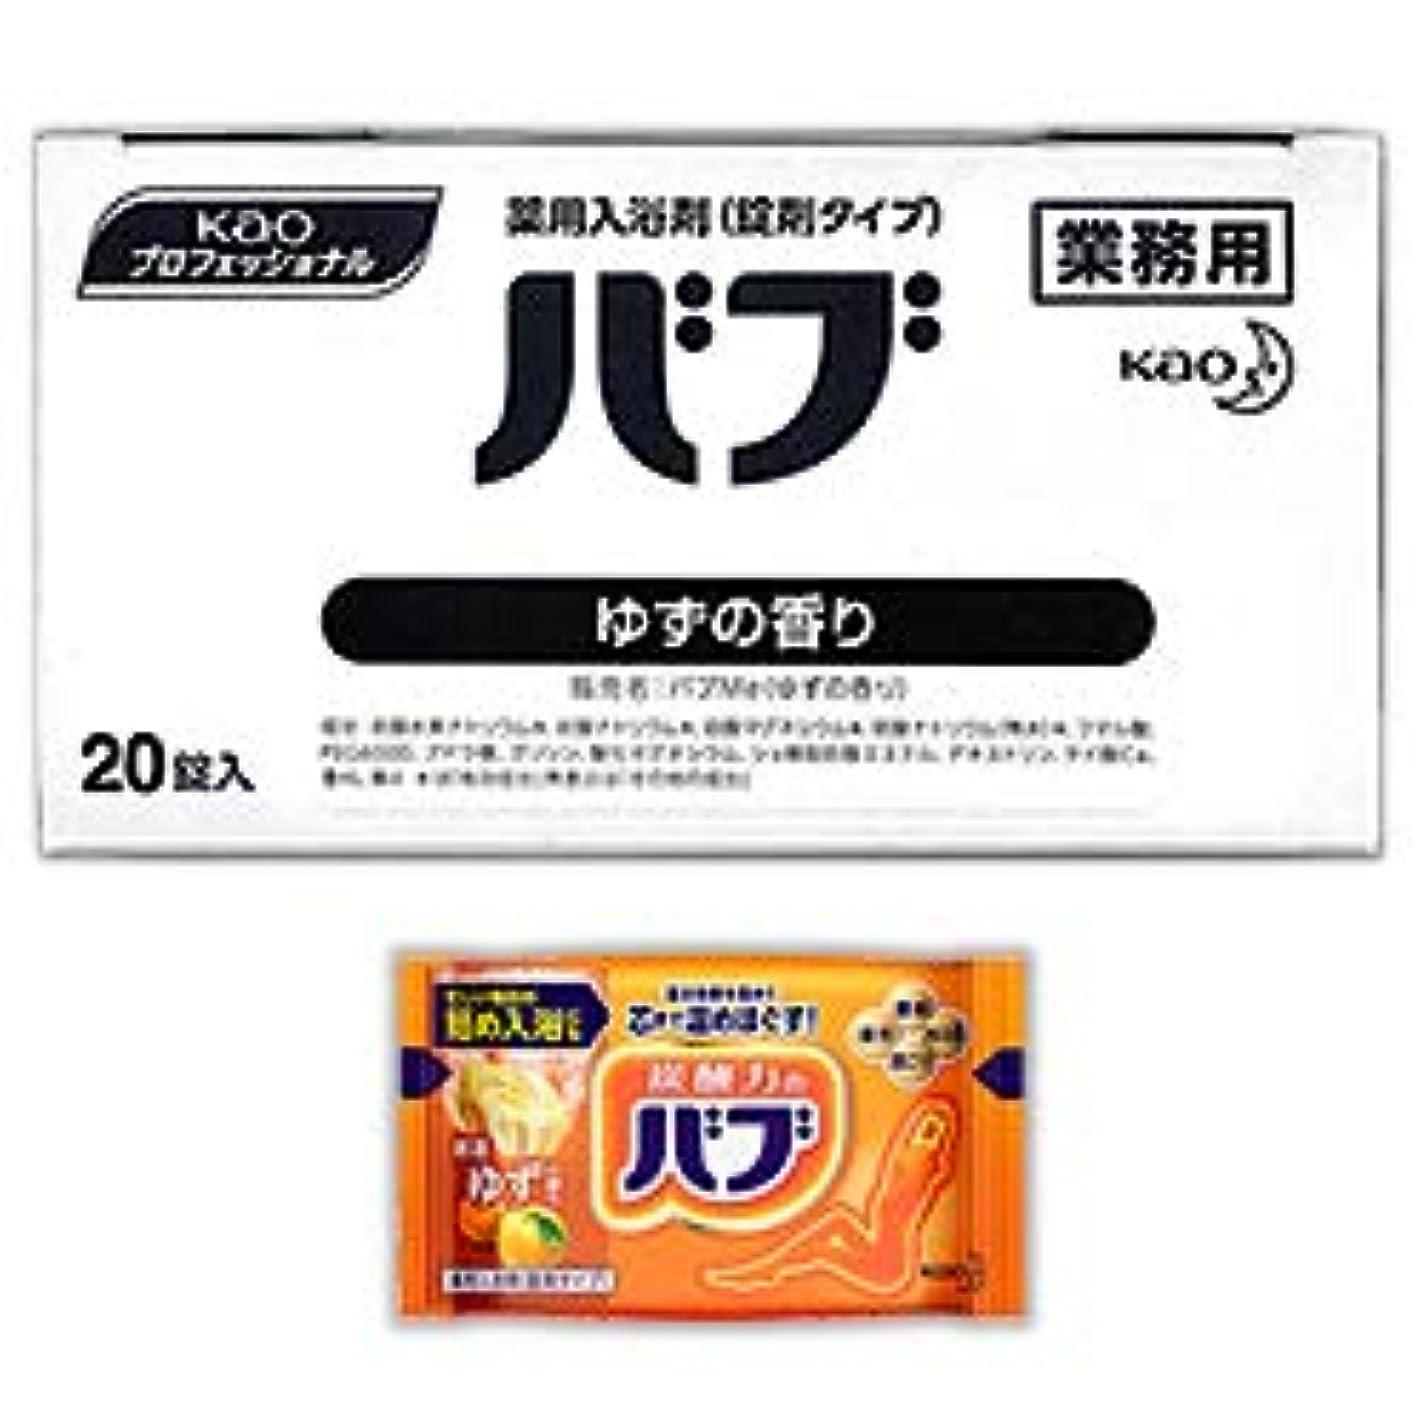 ラッシュシエスタ大宇宙【花王】Kaoプロフェッショナル バブ ゆずの香り(業務用) 40g×20錠入 ×4個セット